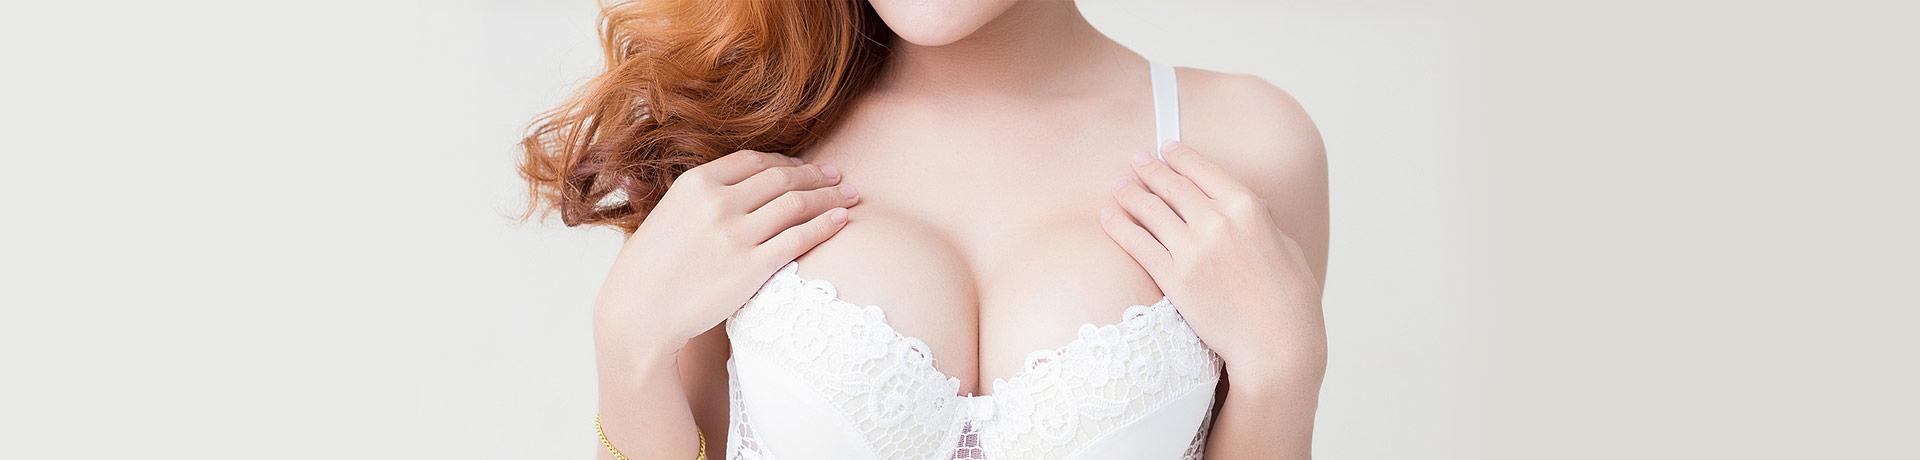 Bruststraffung München und Operation Busen, Spezialist für Bruststraffung und Brustverkleinerung